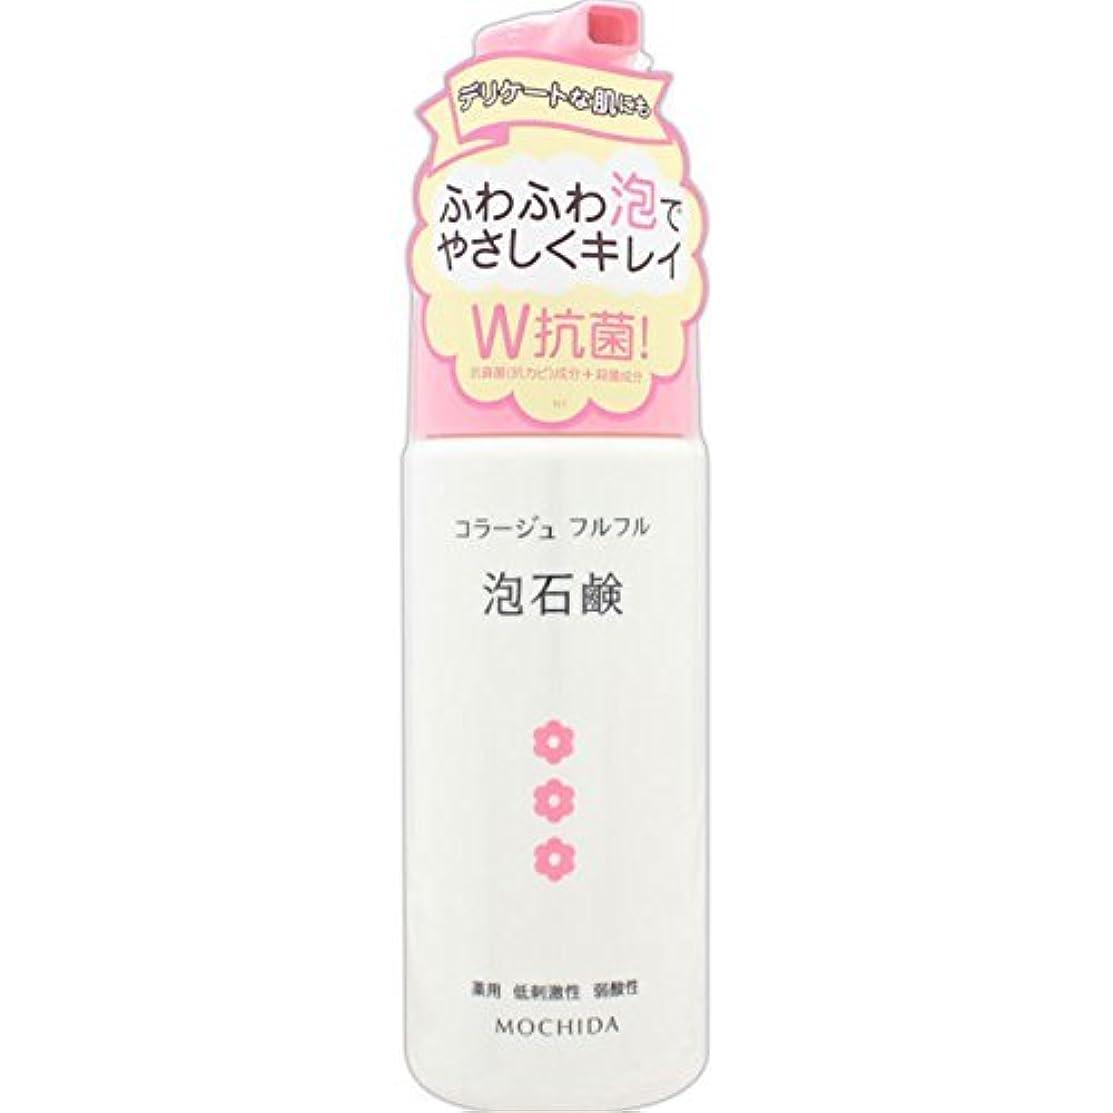 ストレンジャー怖い初心者コラージュフルフル 泡石鹸 ピンク 150mL (医薬部外品) ×5